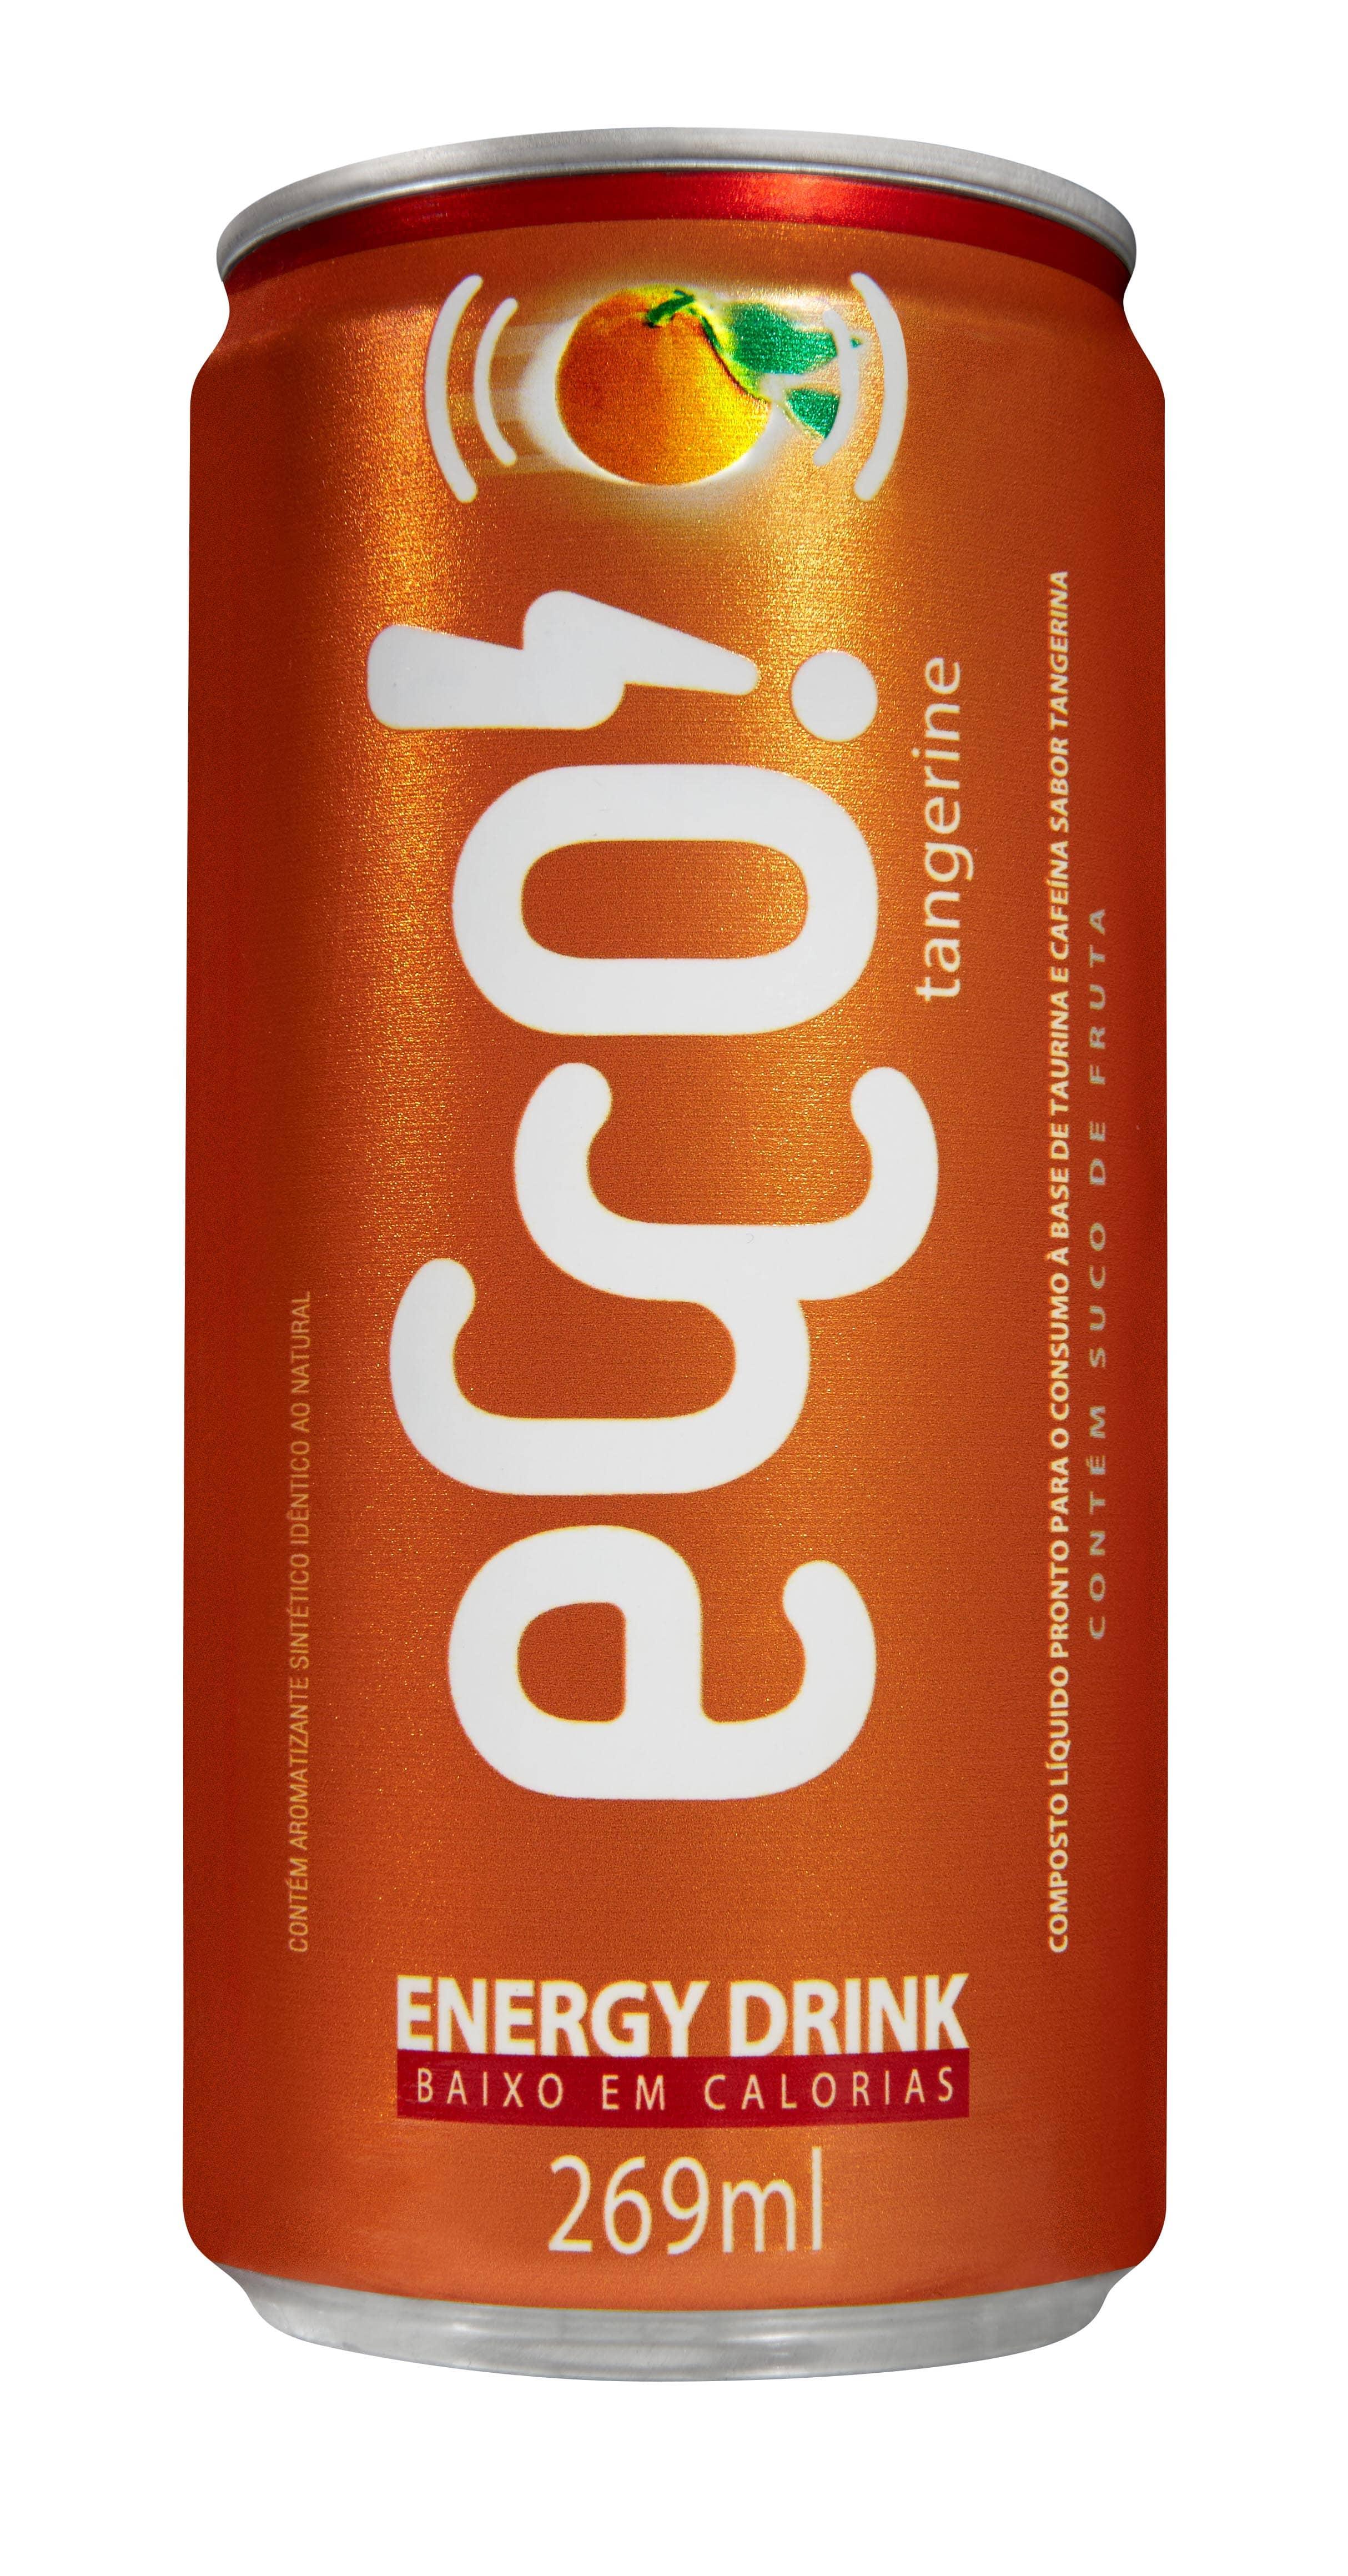 Ecco-Tangerine_269ml